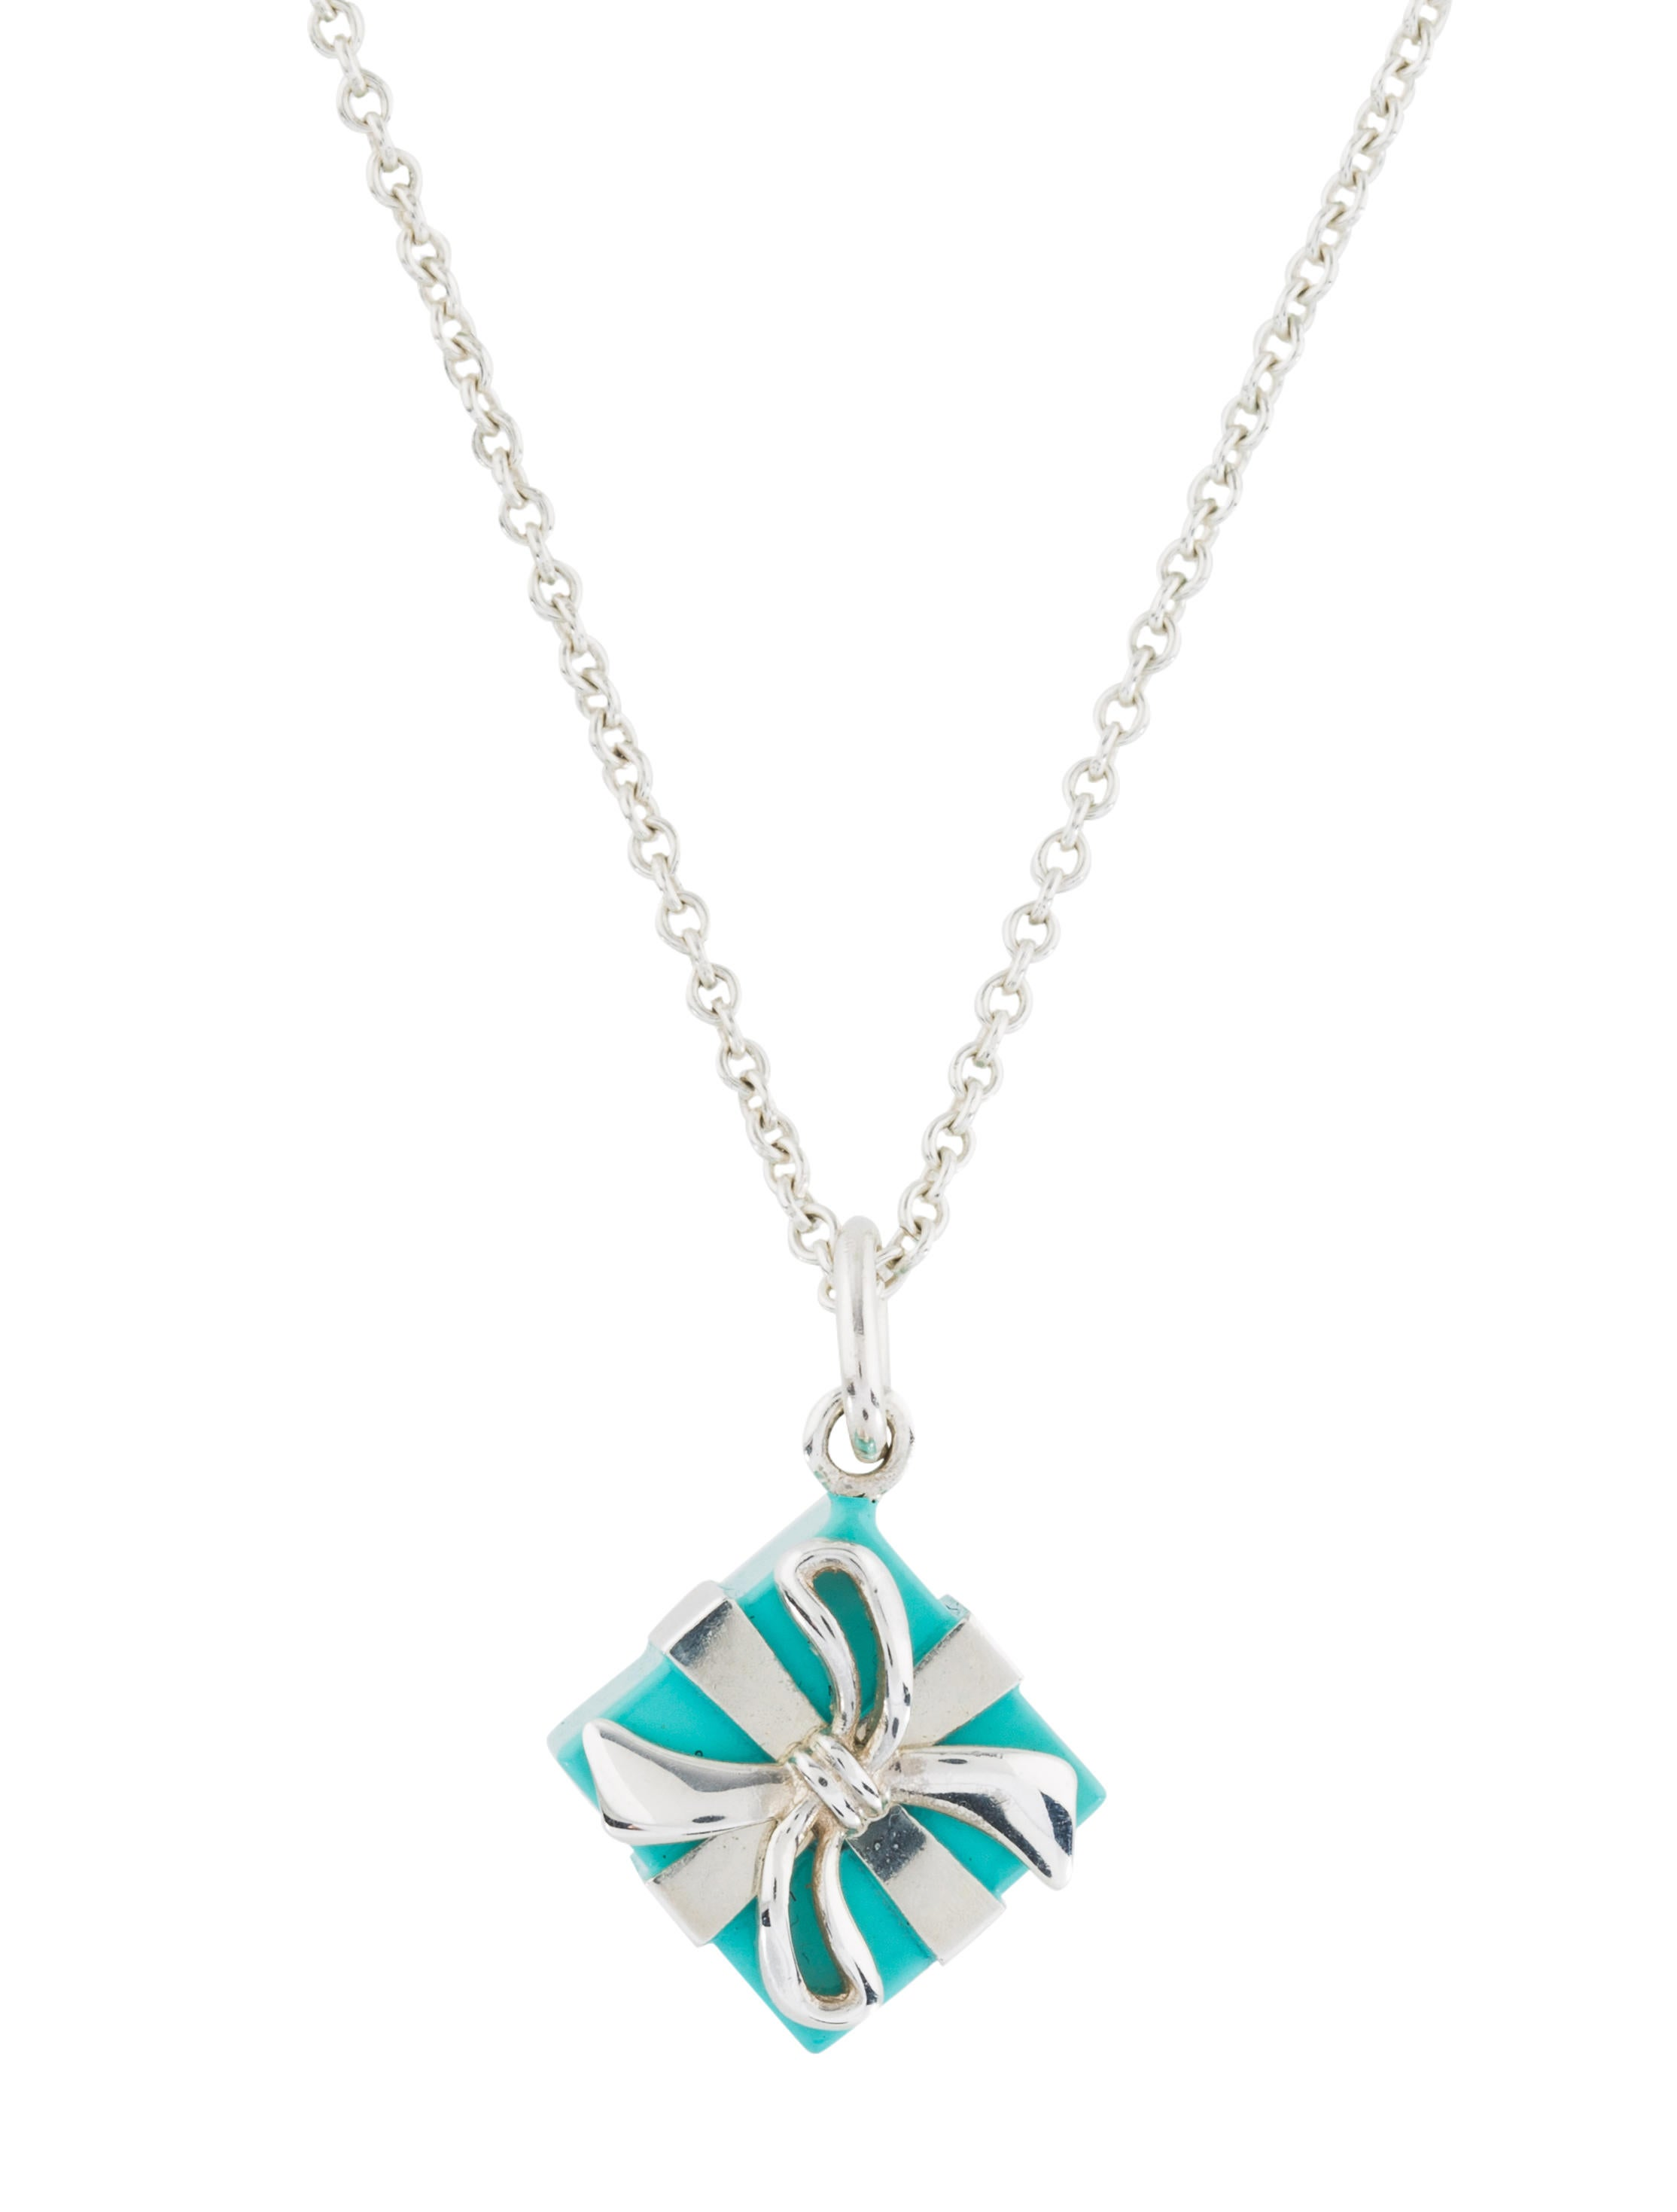 c3a58241d8 Tiffany & Co. Blue Box Pendant Necklace - Necklaces - TIF76616 | The ...